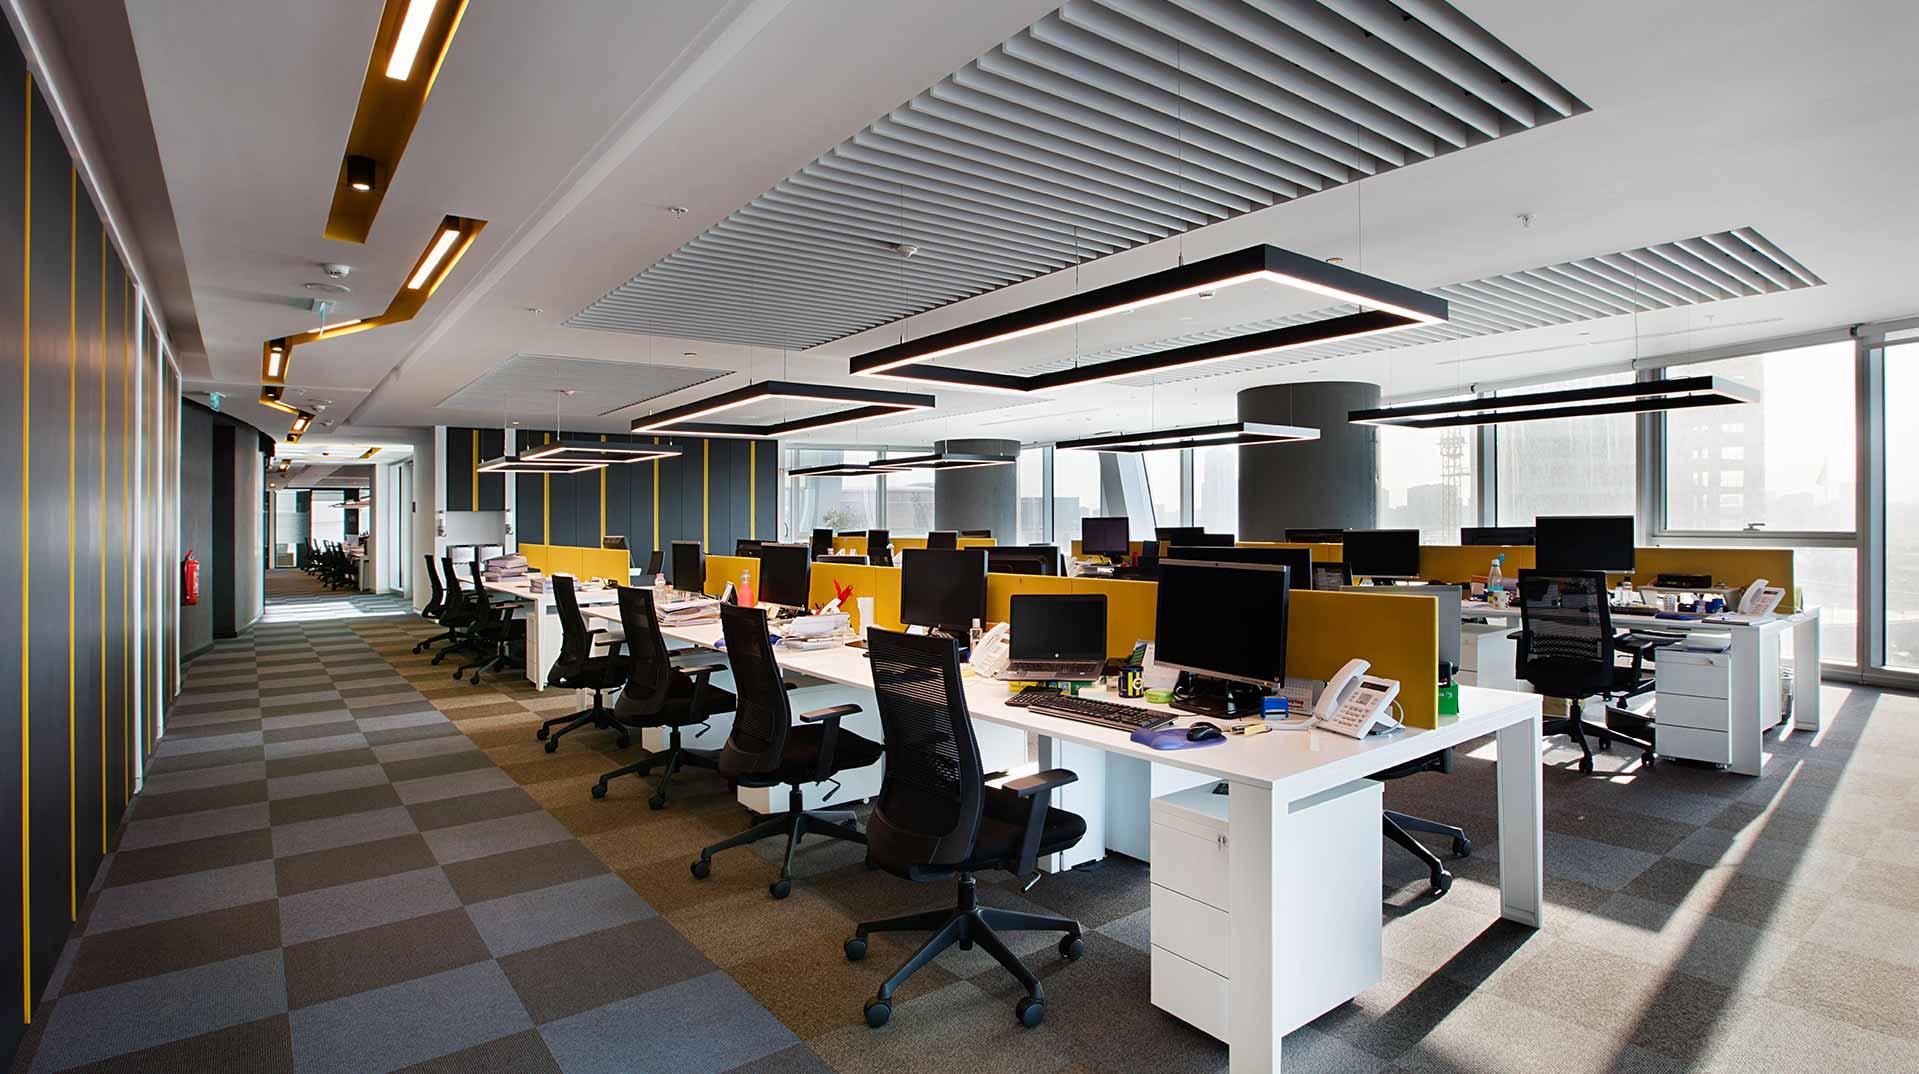 avc u0131 architects undertook the design of kuehne nagel